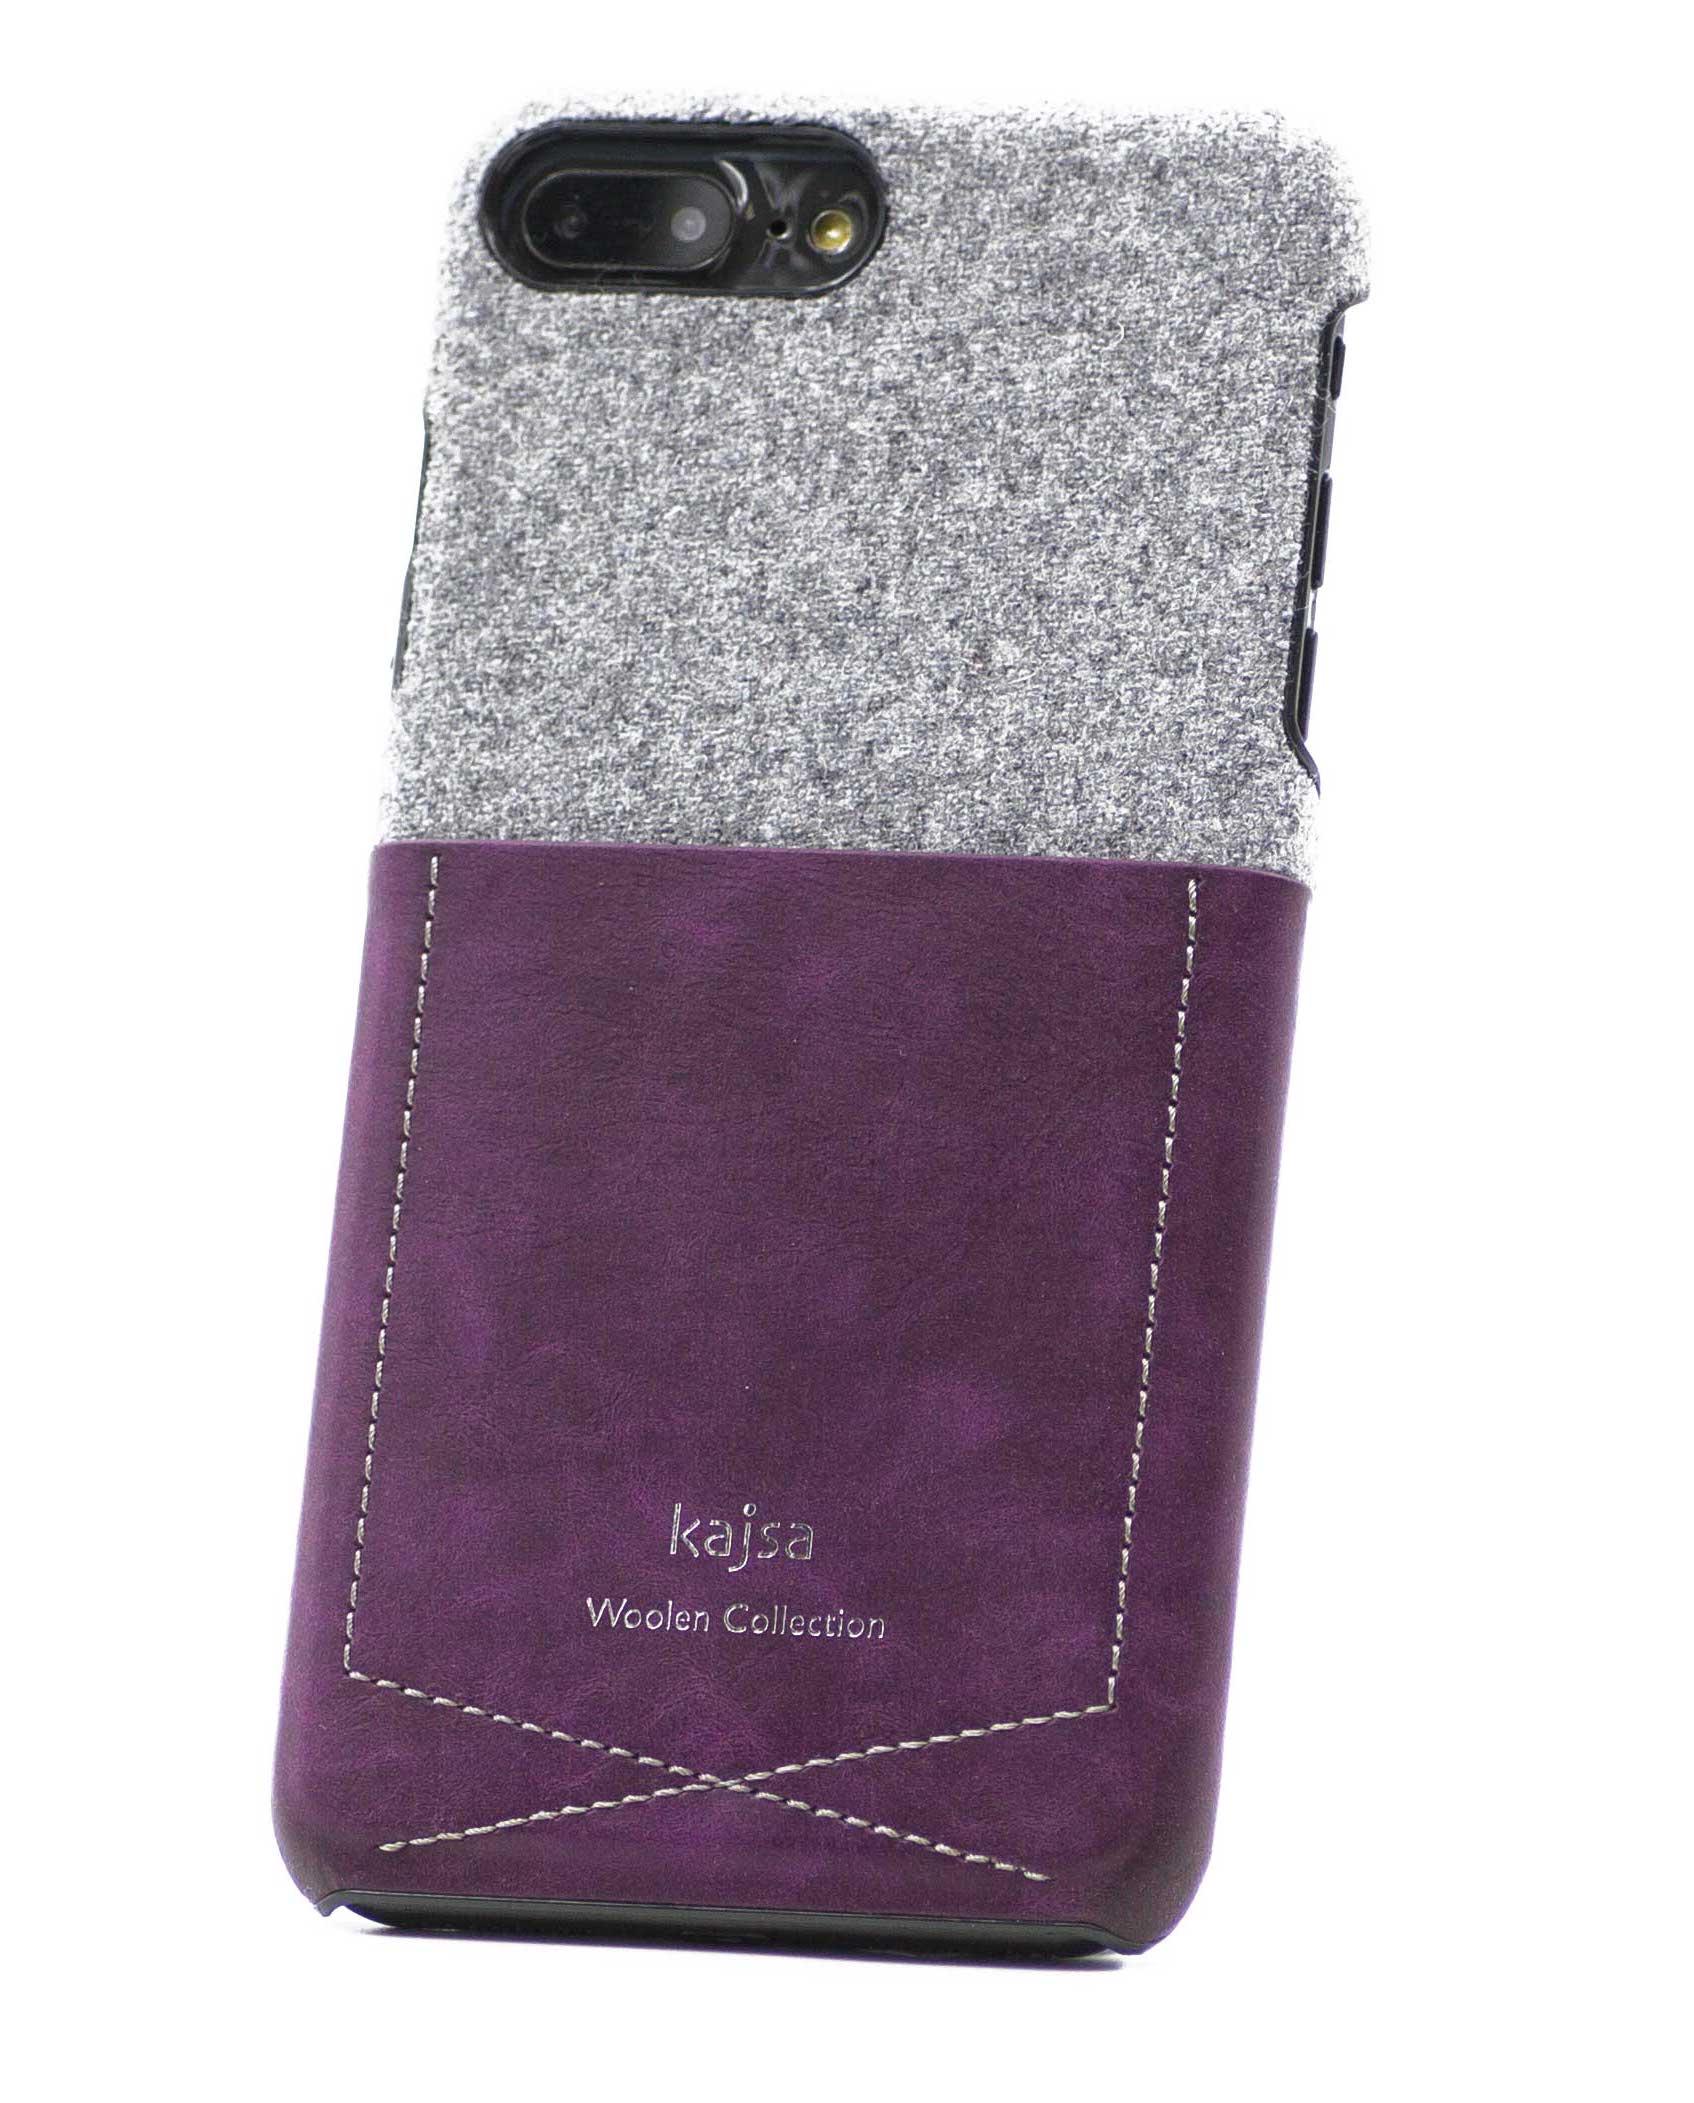 Perspektivisches Foto einer lila Schutzhülle Case aus echter Wolle kombiniert mit Leder für das iPhone 8 Plus, das iPhone 8, das iPhone 7 und das iPhone 7 Plus.